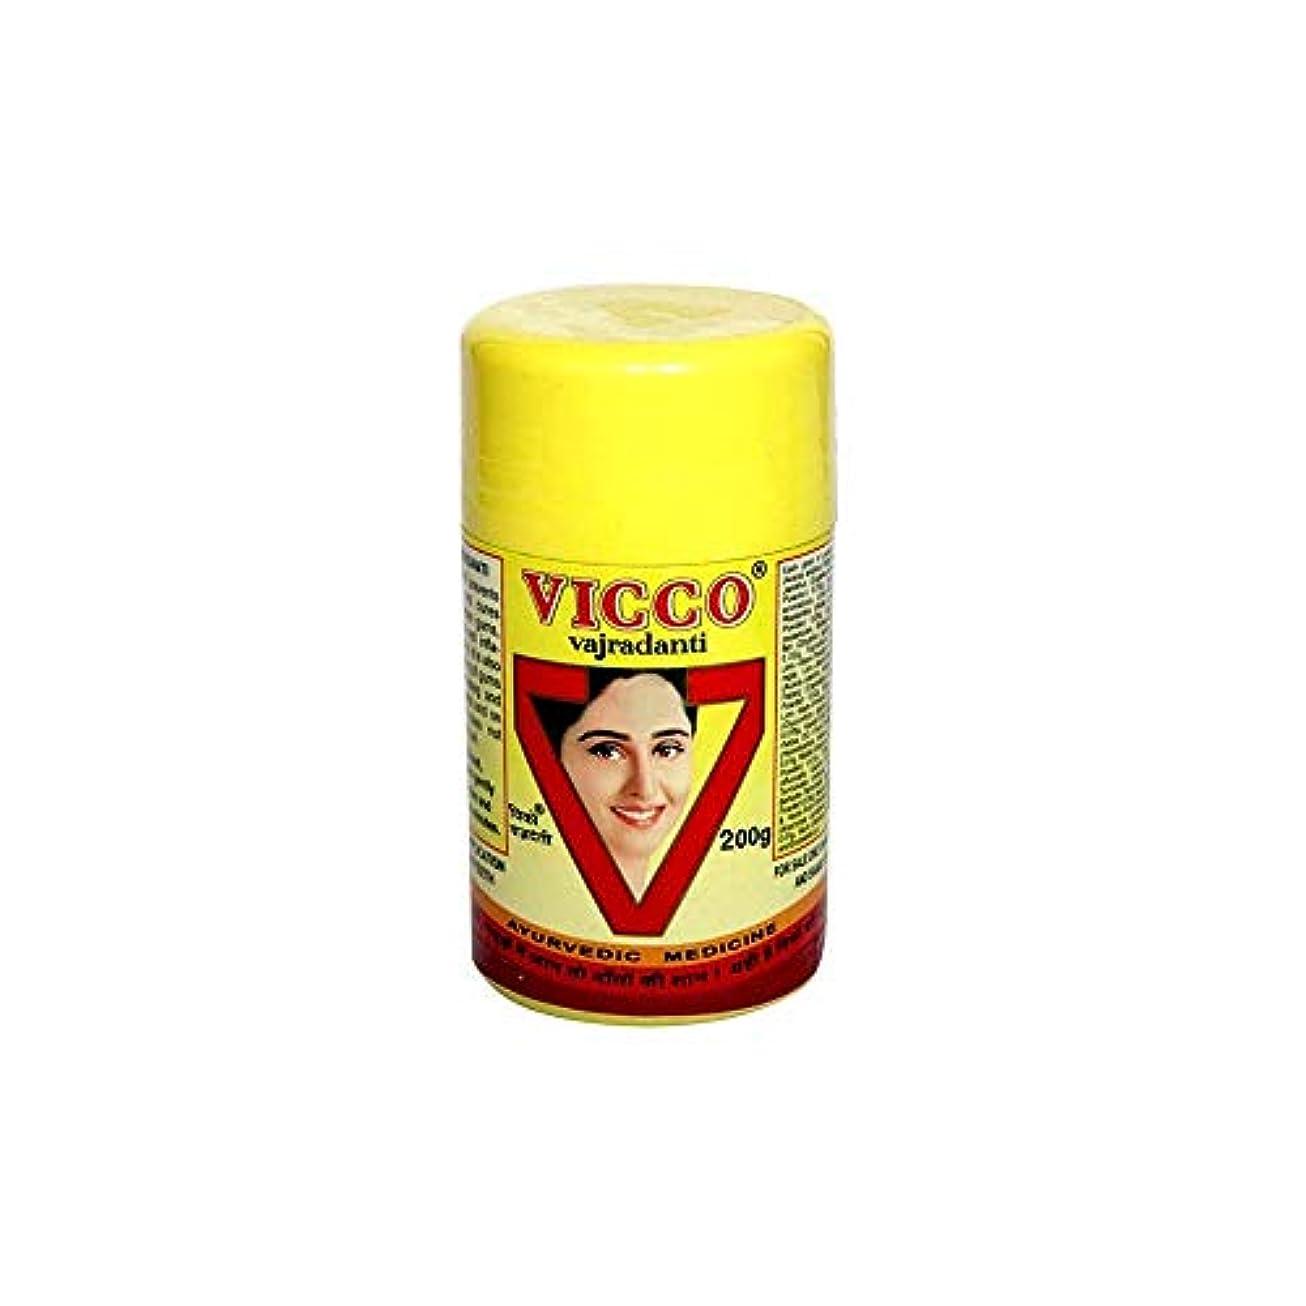 仮説潮はずVicco Vajradanti Ayurvedic Herbal Tooth Powder 200g Prevents Tooth Decay Cures by Vicco Lab